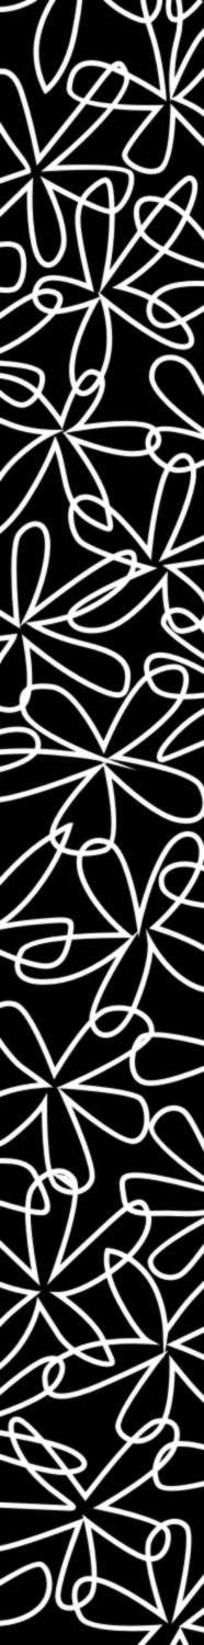 双线花朵雕刻图案